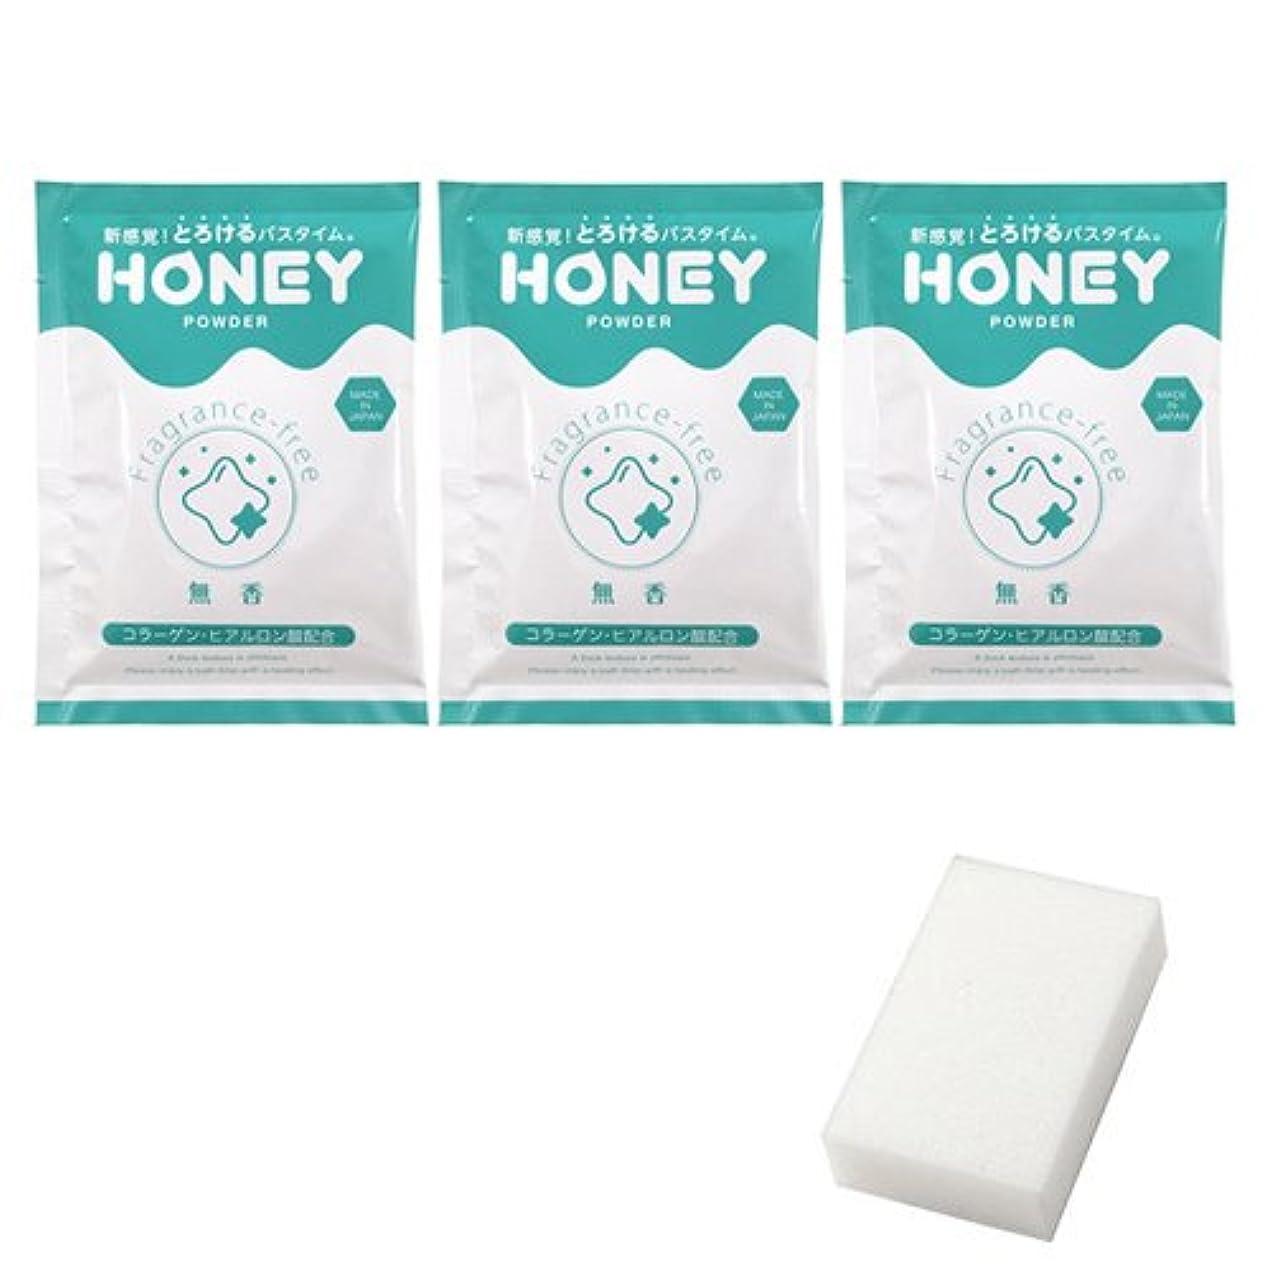 嫌い眠るキャンバスとろとろ入浴剤【honey powder】(ハニーパウダー) 無香タイプ 3個セット + 圧縮スポンジセット